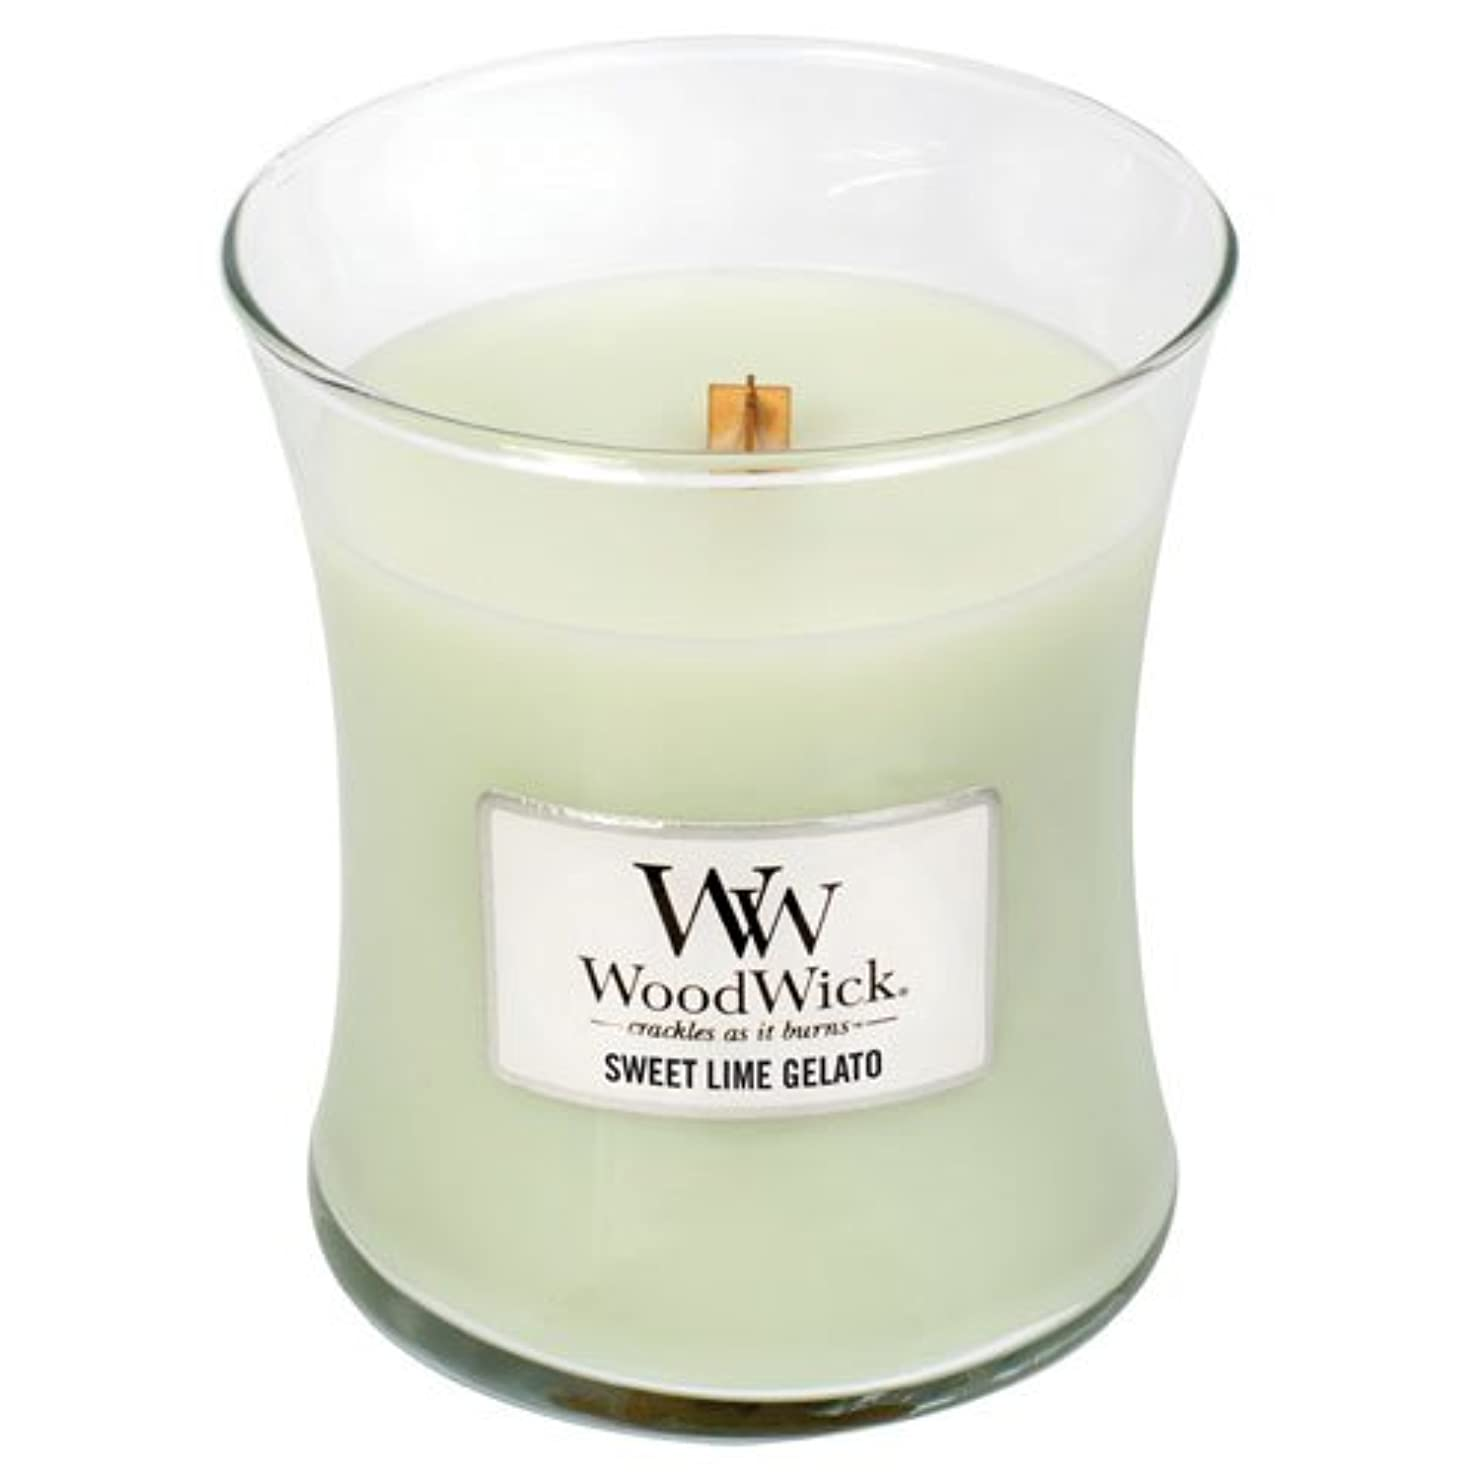 謝罪宣言サミュエルSweetライムGelato WoodWick 10oz香りつきJar Candle